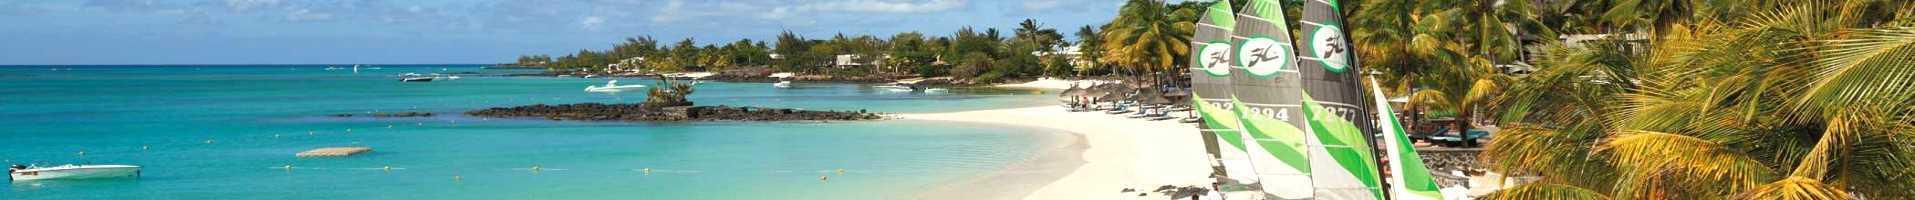 Mauritius Resorts